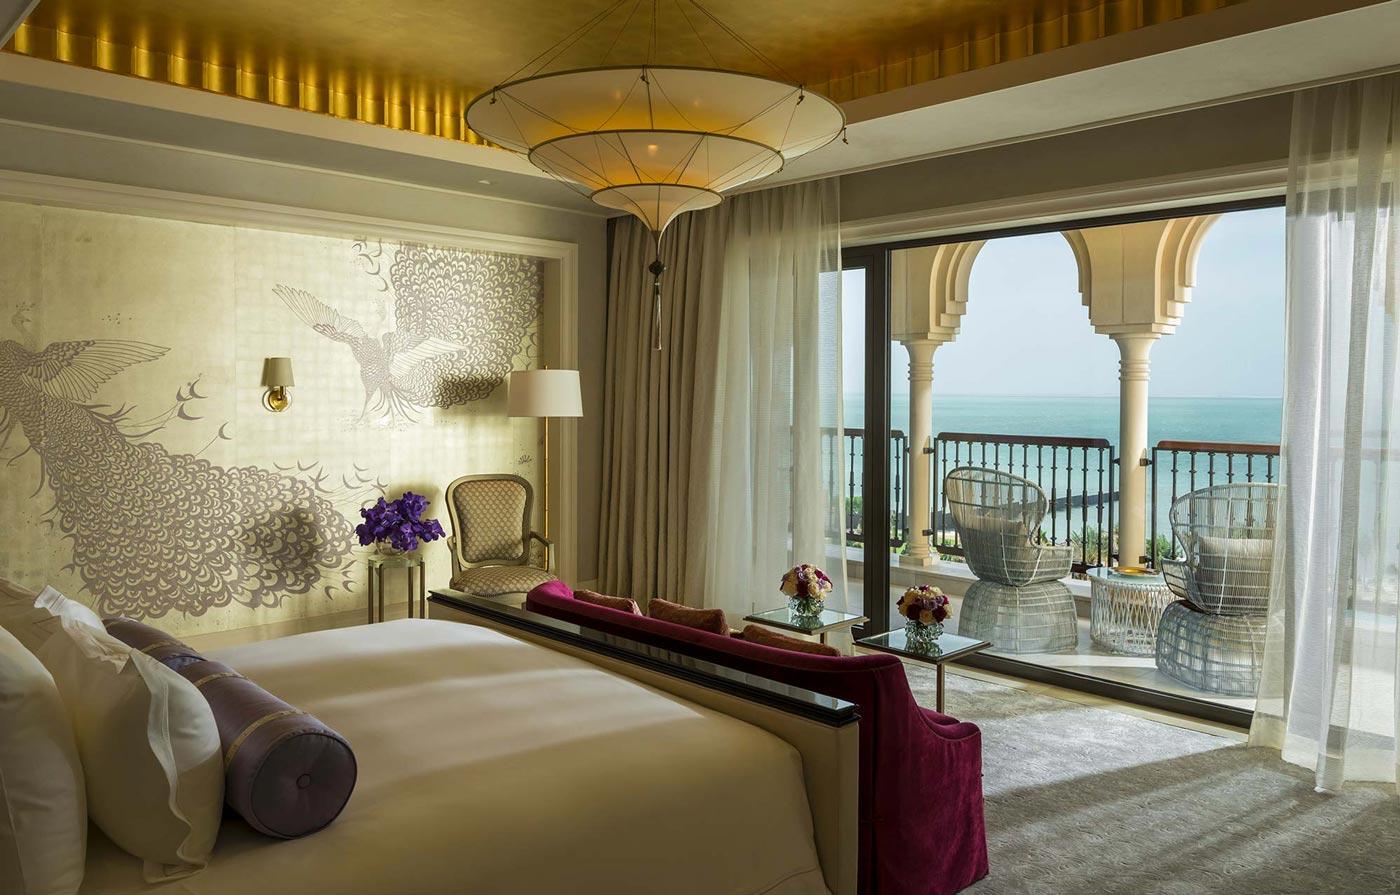 Lámpara de seda de 3 niveles Scheherazade en Four Seasons Resort Hotel en Dubai, dormitorio principal de la suite Royal